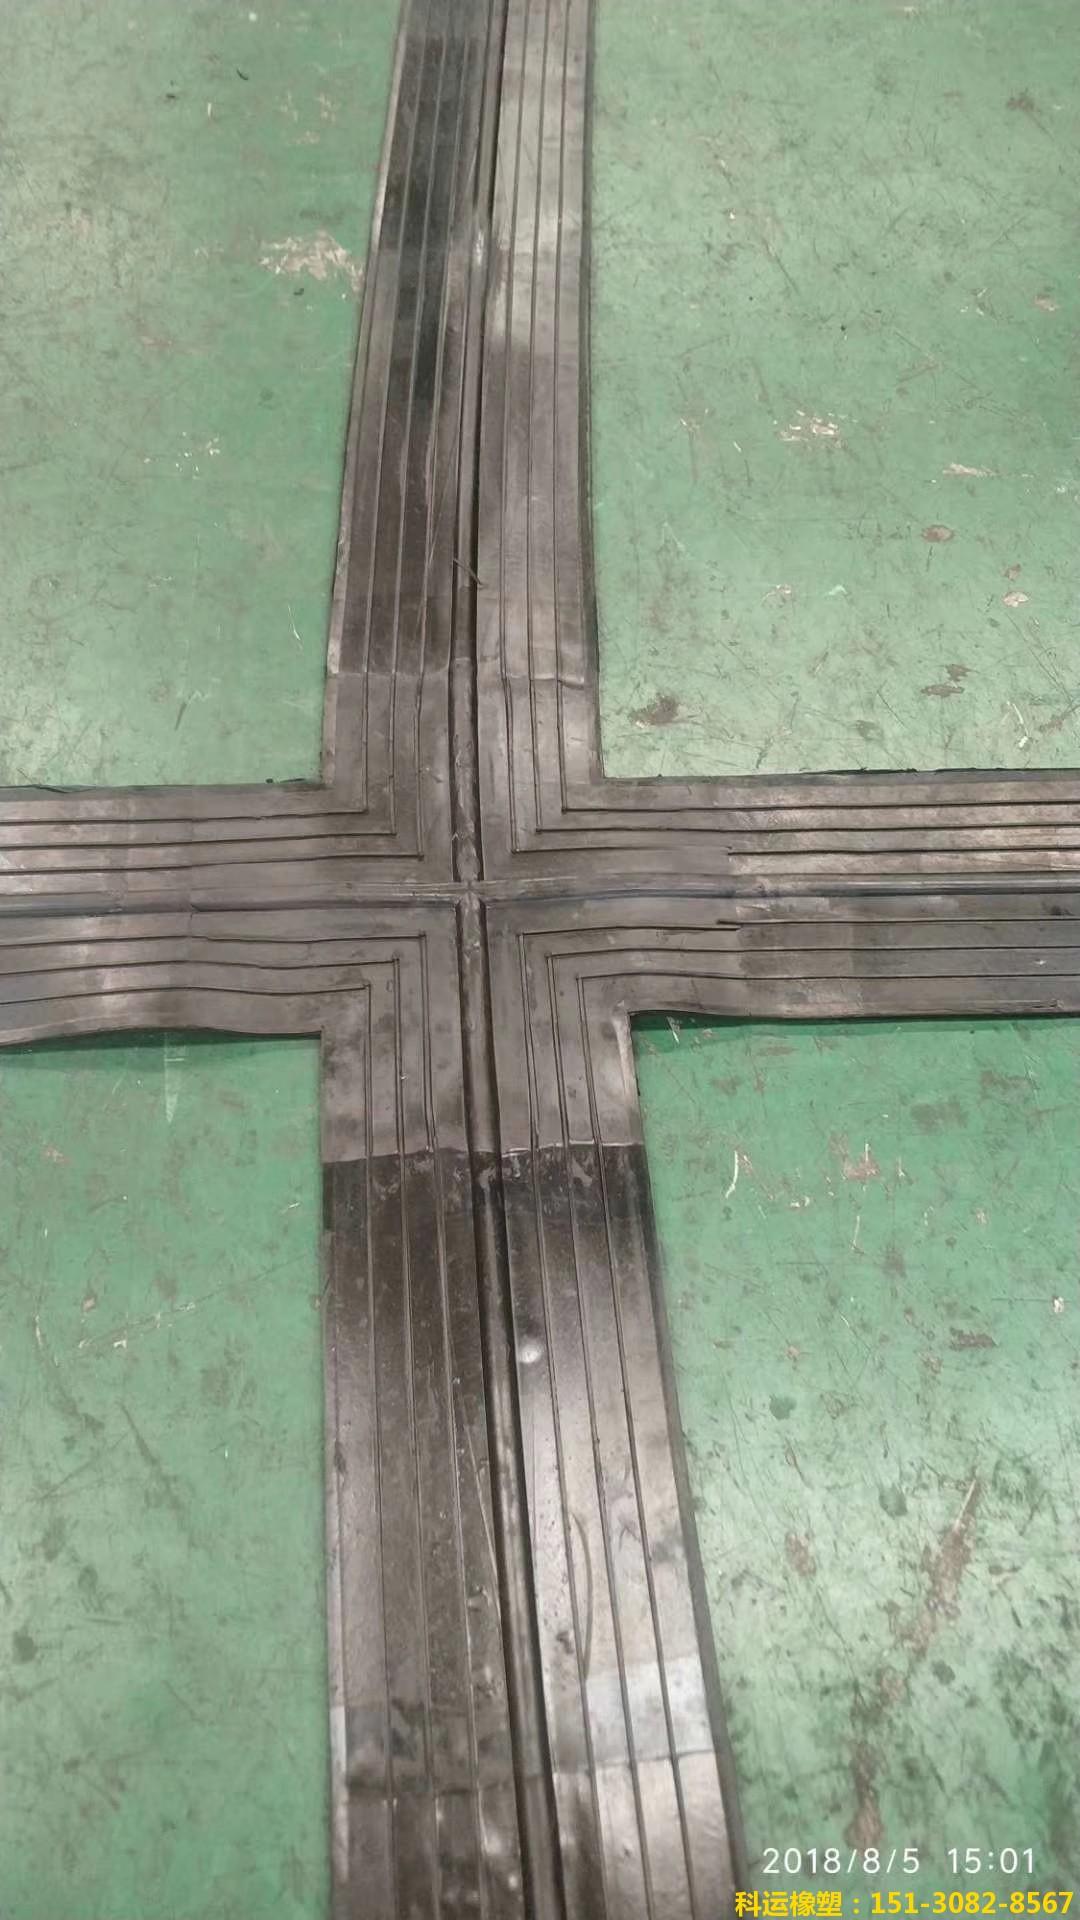 橡胶止水带接头(十字,丁字,立丁)5